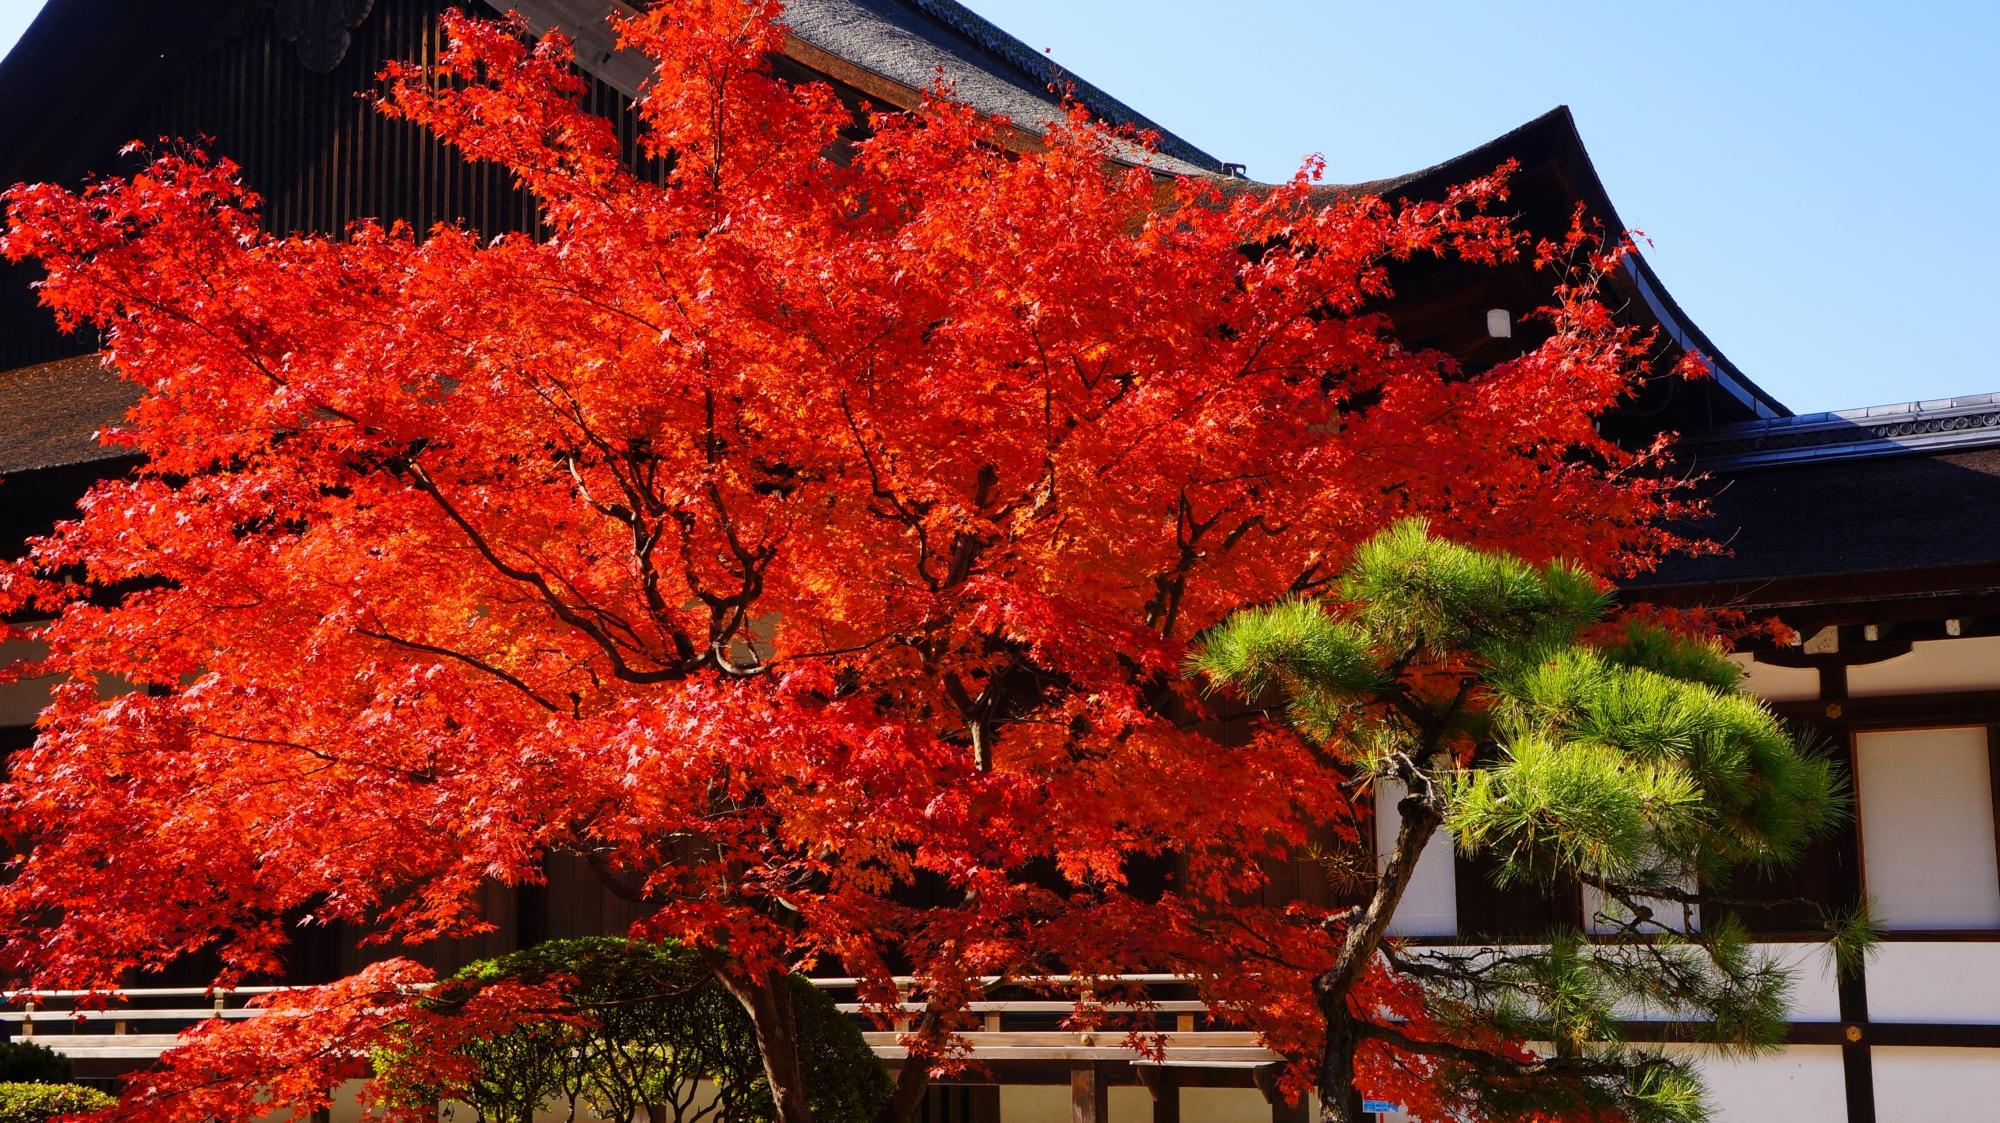 知恩院方丈庭園のこれ以上ないくらいの色づき圧巻の紅葉